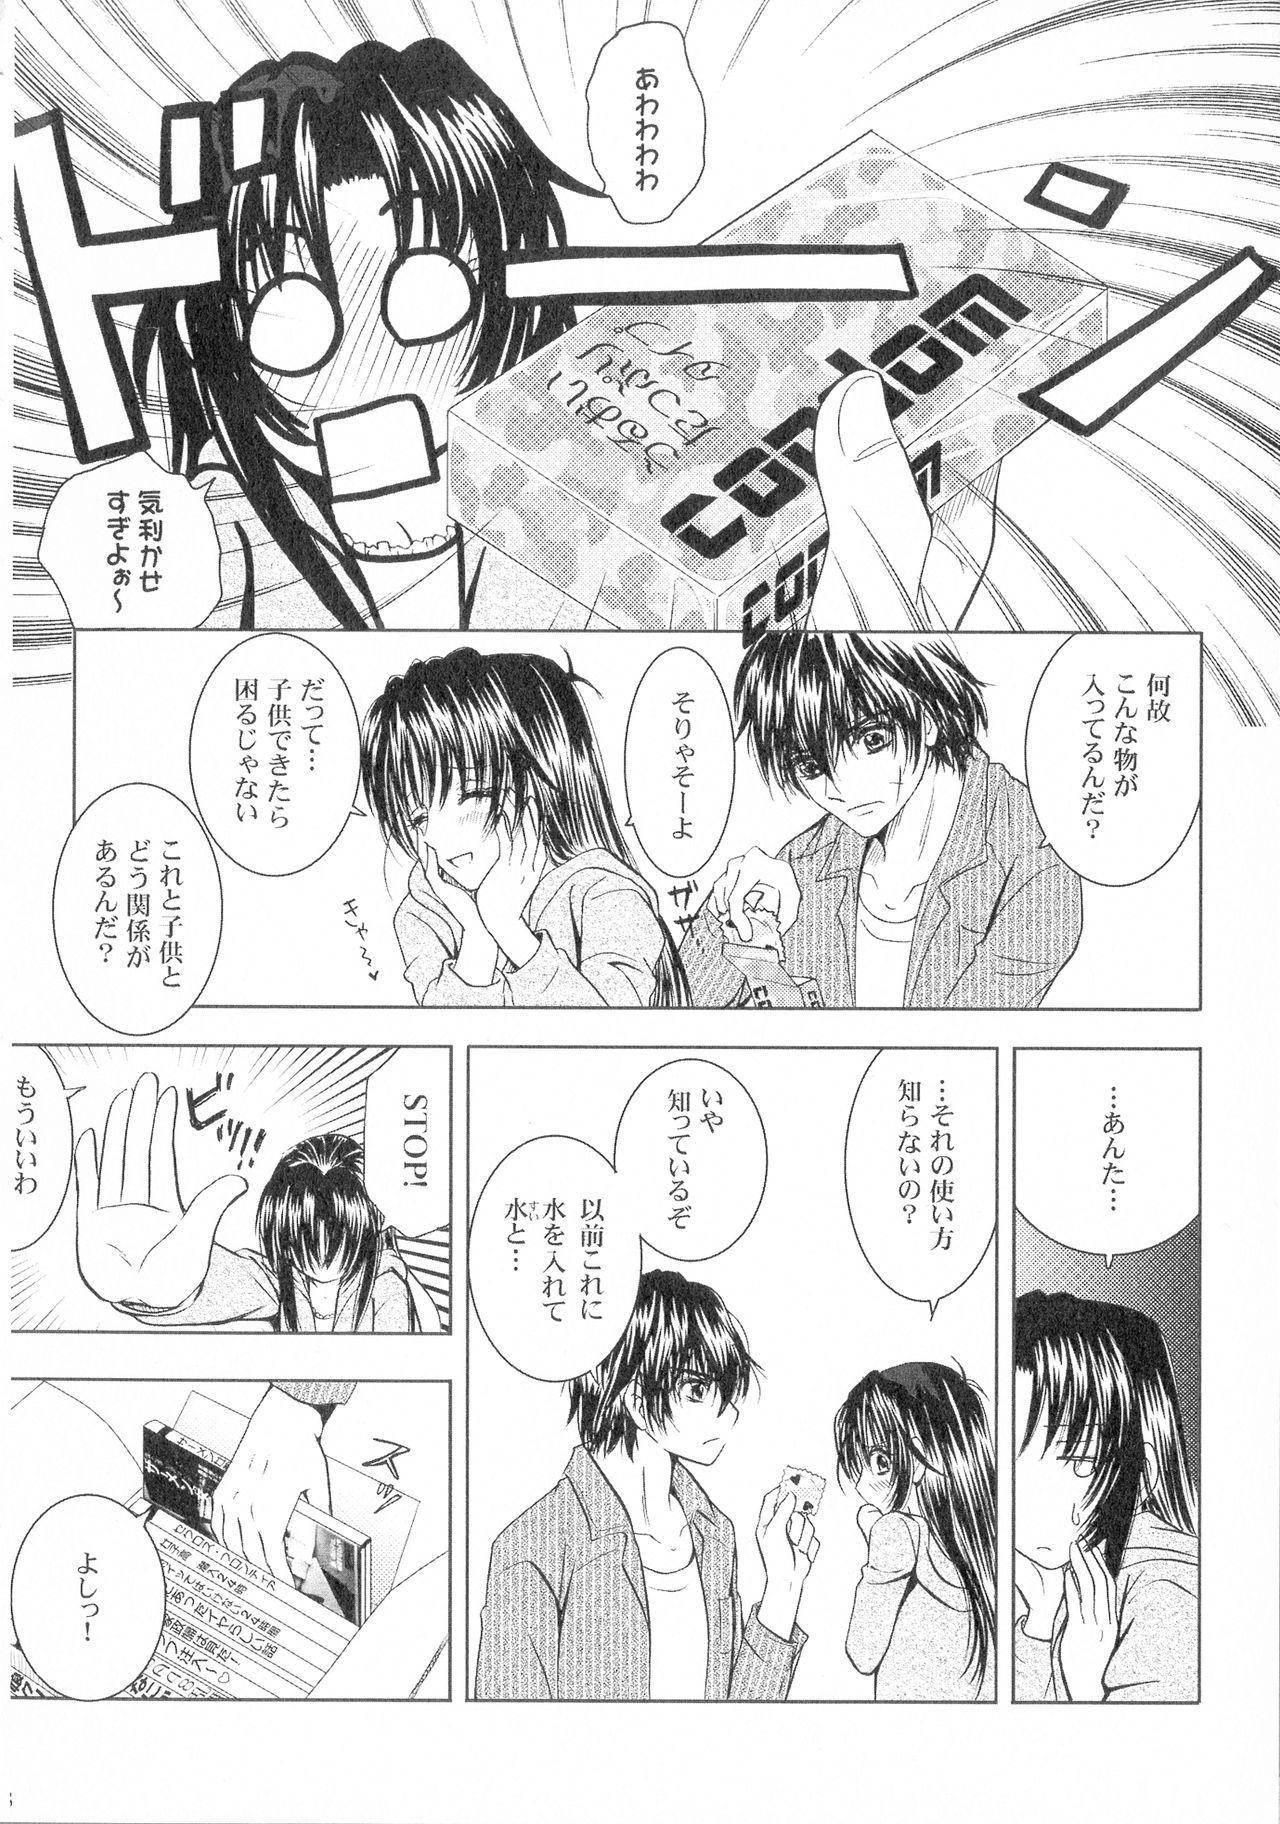 SEXY PANIC Sairoku-shuu VOL.3 7